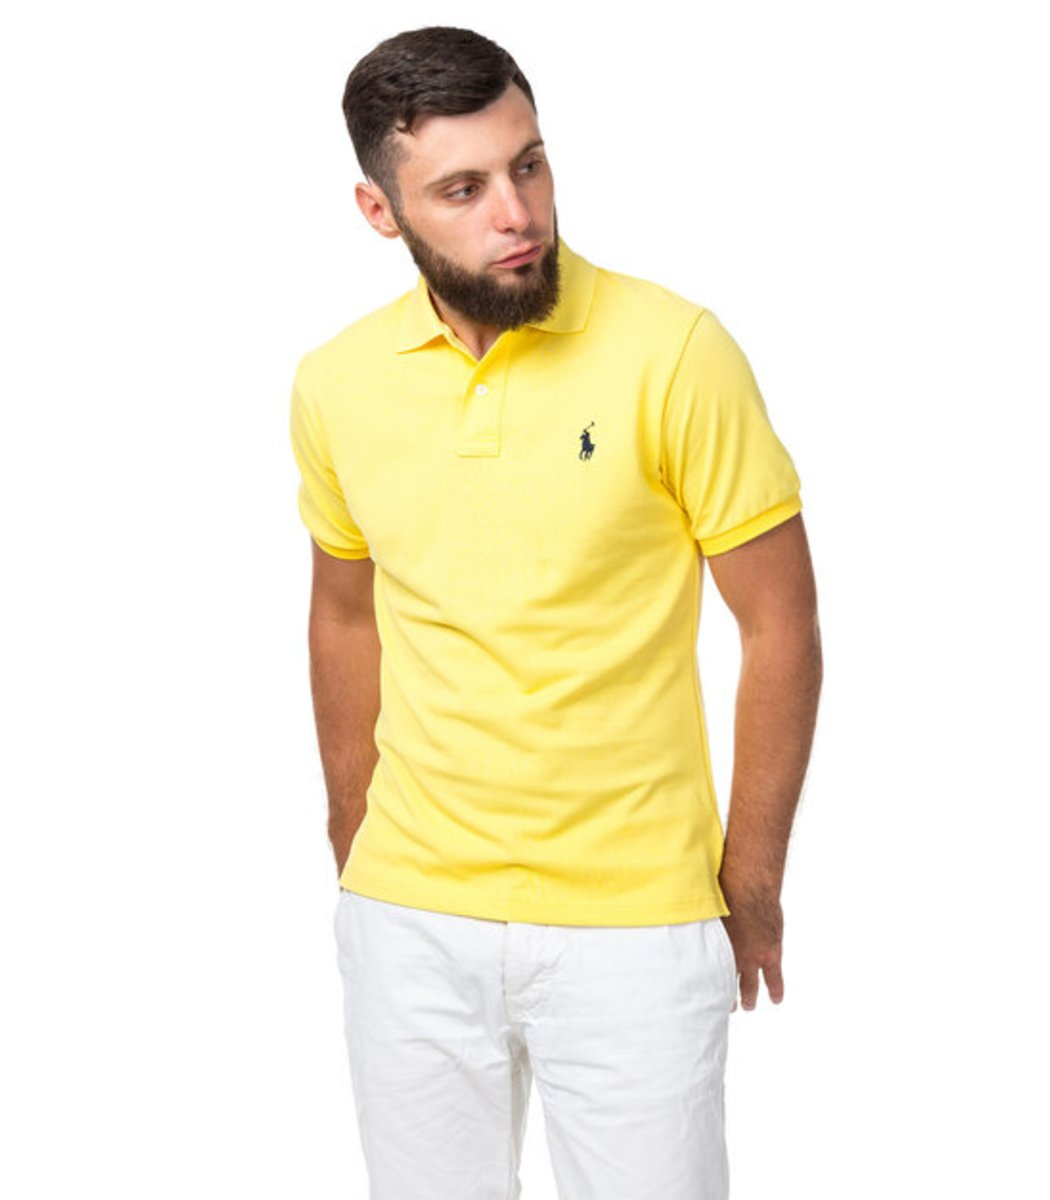 98f0aa608d04c Мужская желтая футболка поло Ralph Lauren R1 - желтый - Вид 3